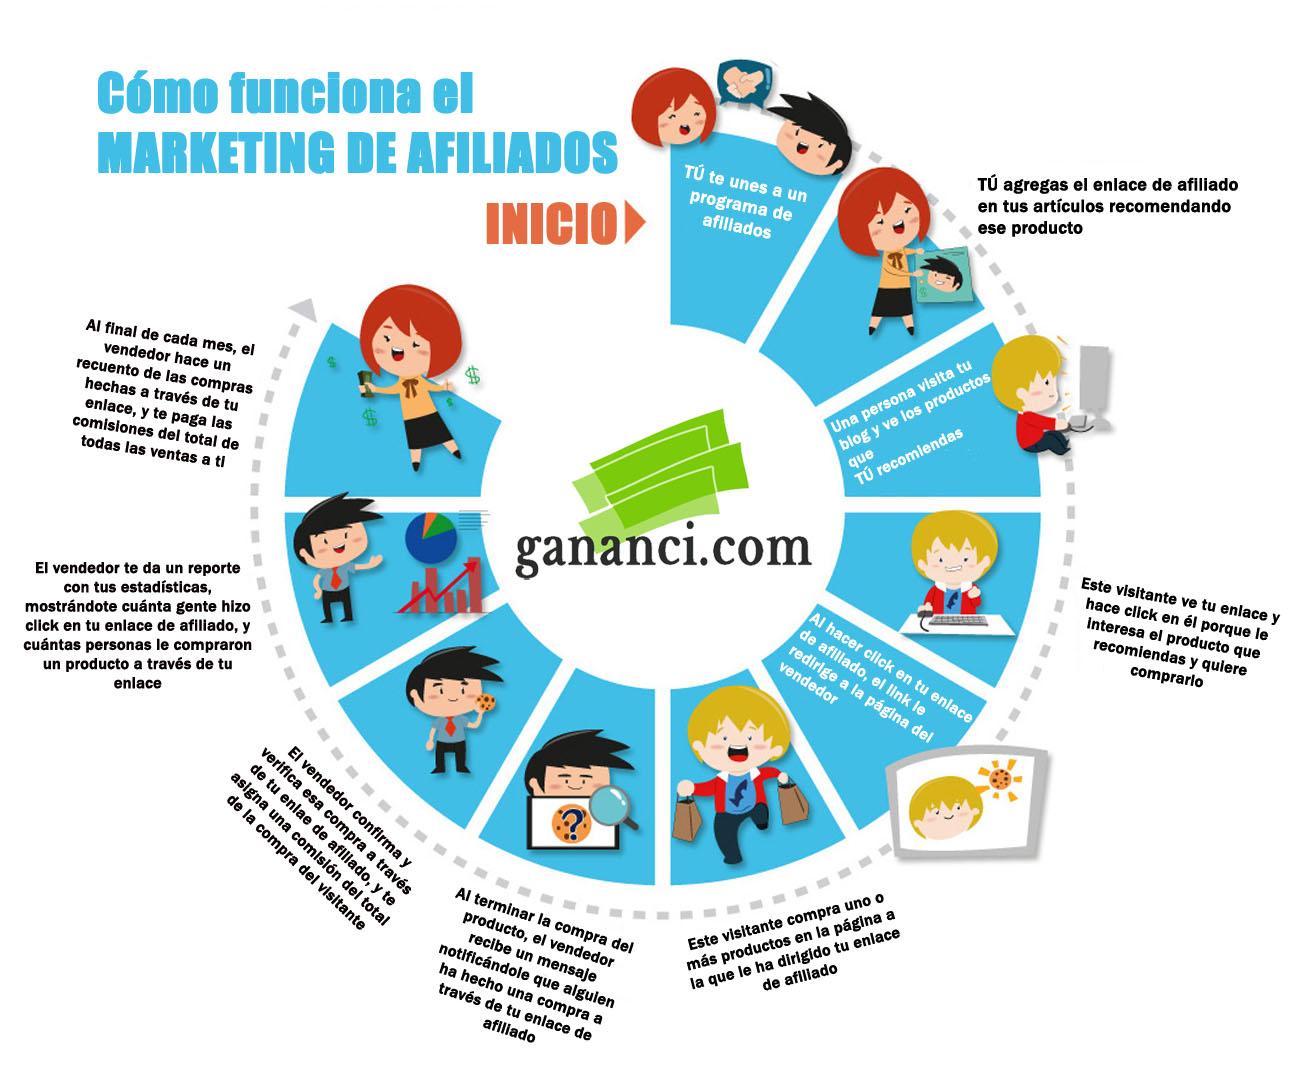 conseguir tráfico cualificado con marketing de afiliación